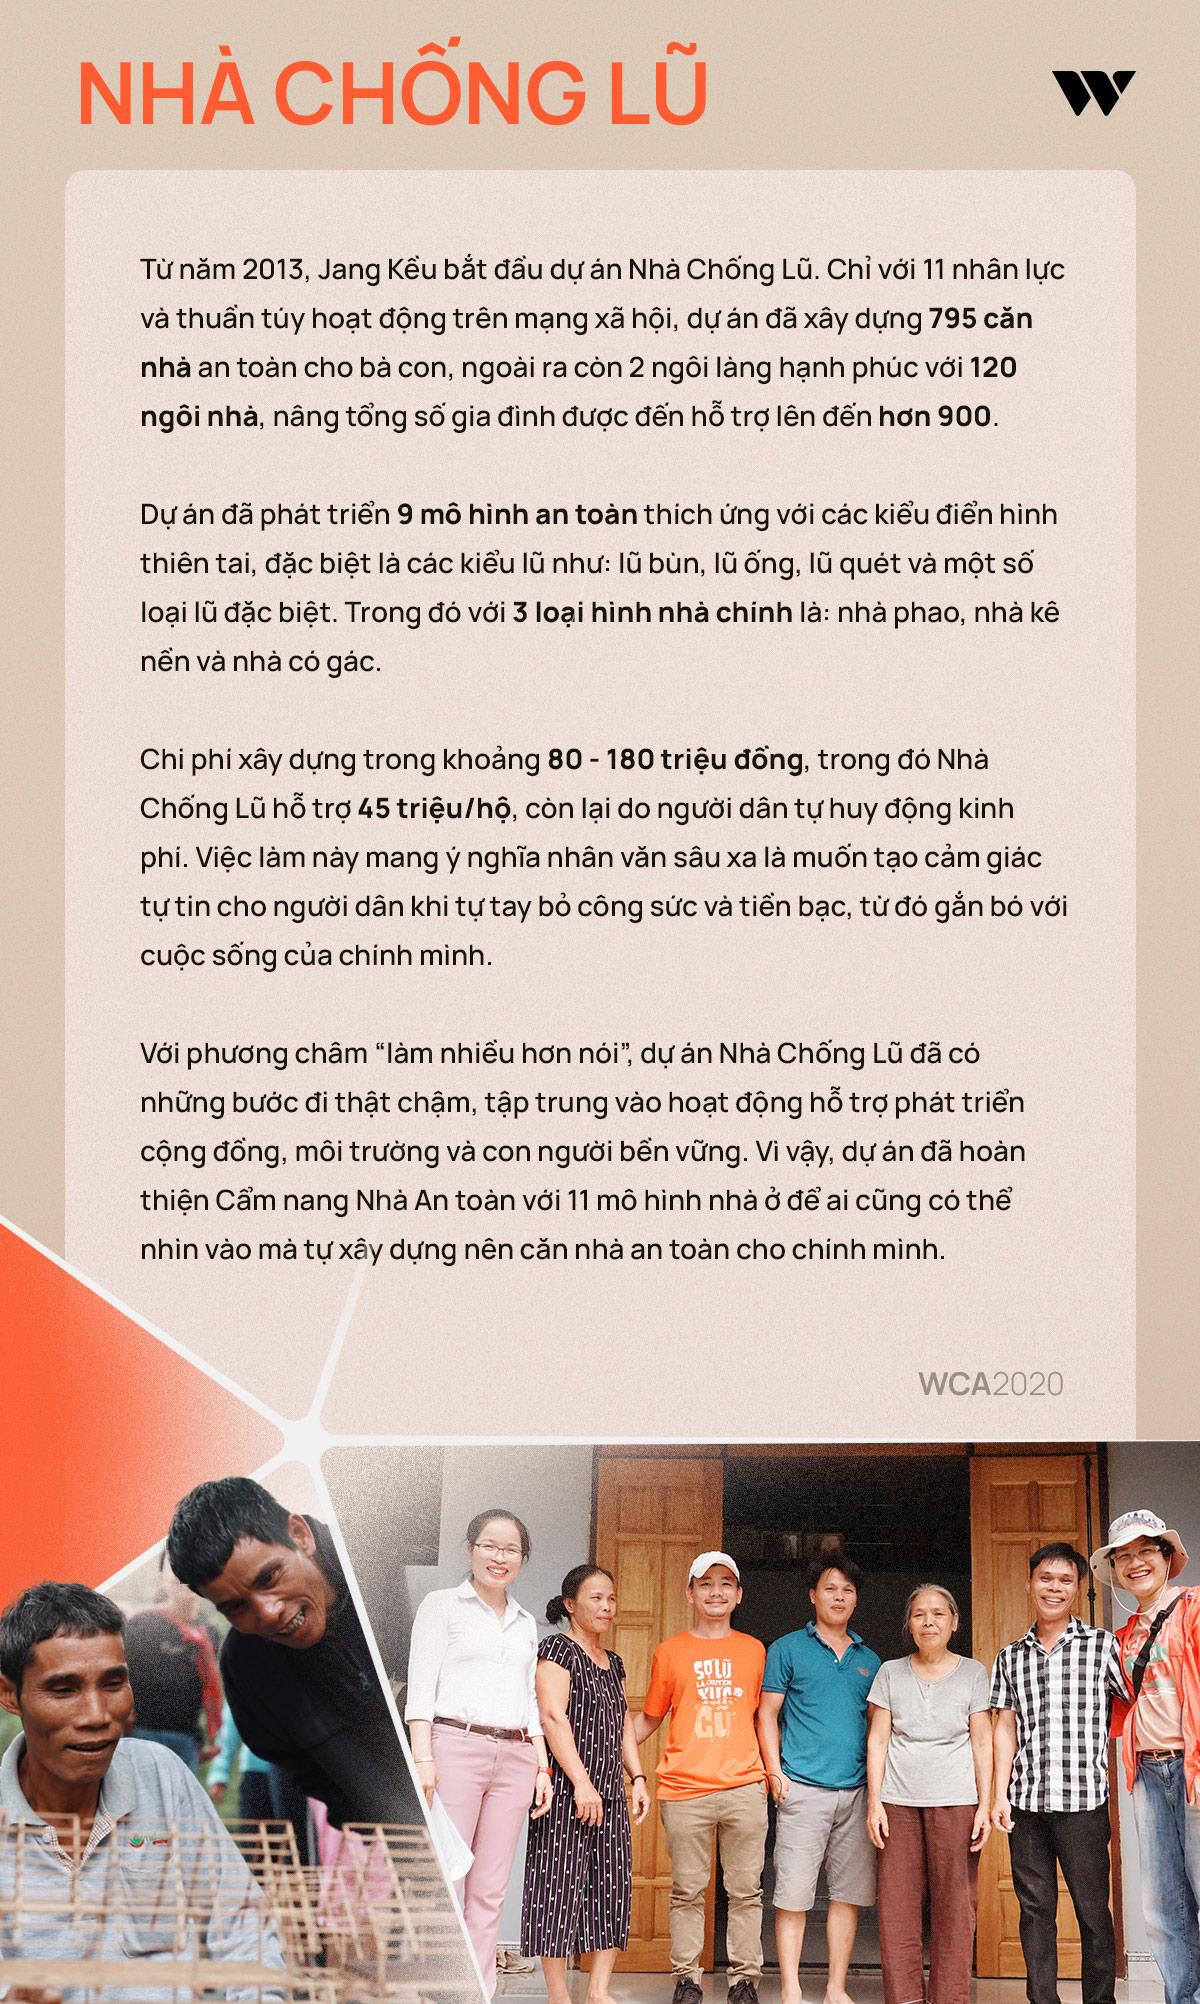 """Jang Kều, người phụ nữ đứng đằng sau dự án Nhà Chống Lũ: Từng từ chối 75 tỷ vì muốn thay đổi tư duy """"cho – nhận"""" trong từ thiện - Ảnh 7."""